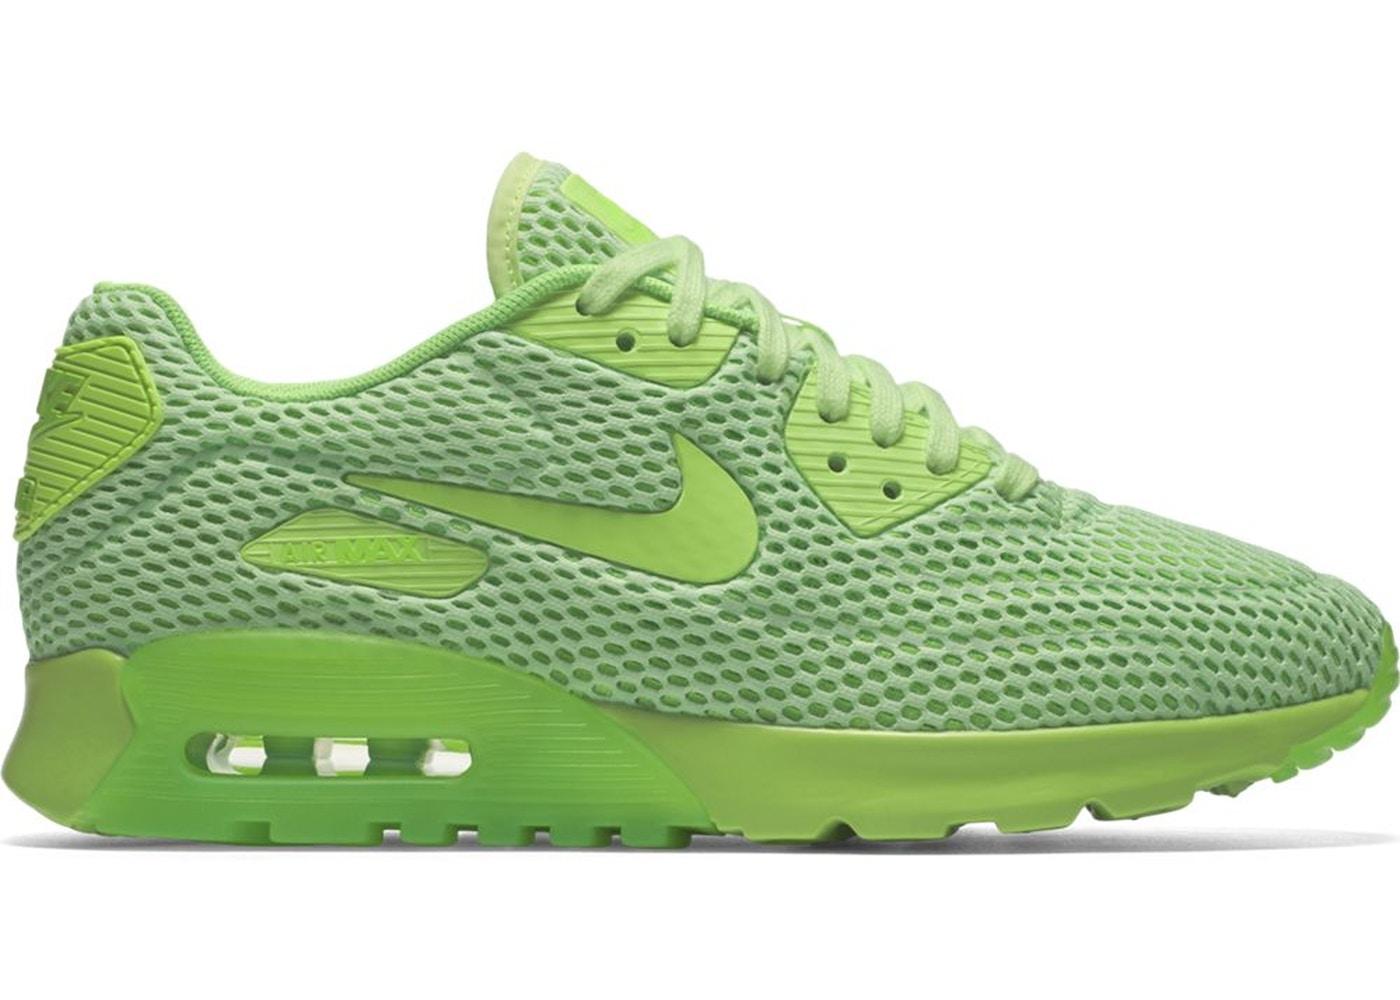 219856e6c1 Nike Air Max 90 Shoes - New Highest Bids